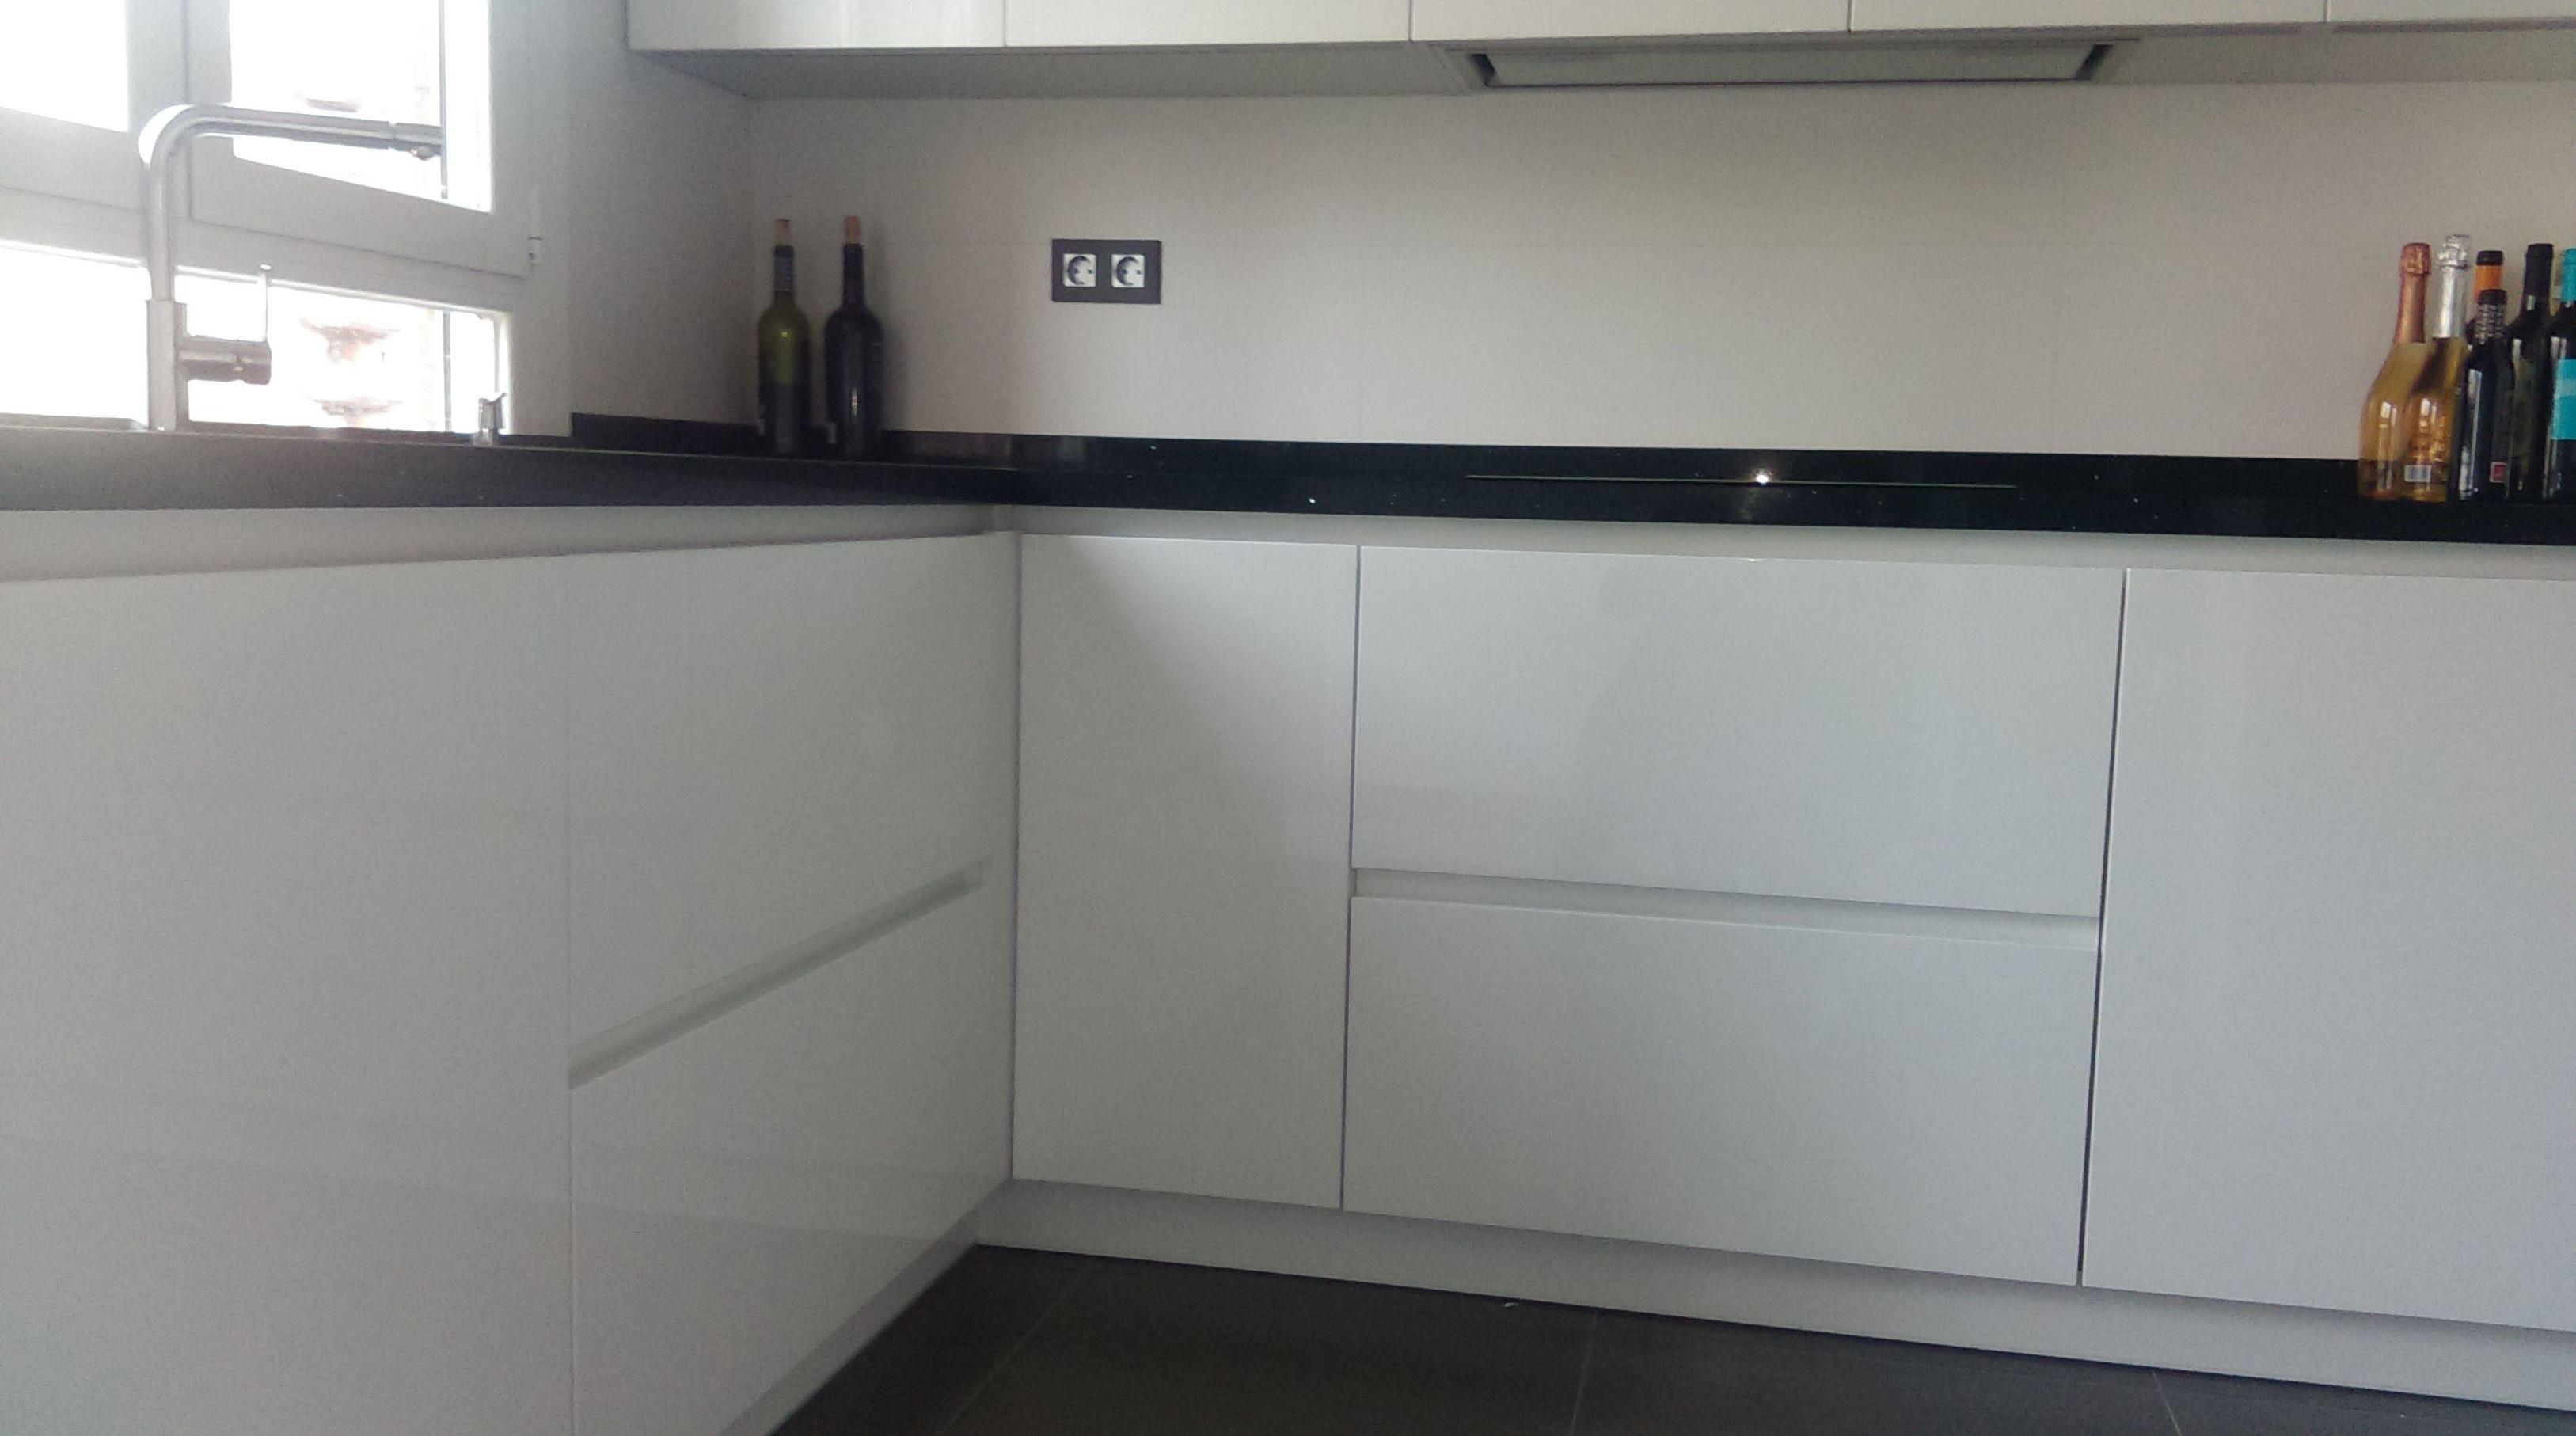 Genial Limpiar Muebles Cocina Fotos Limpiar Muebles De Cocina  ~ Limpiar Muebles De Cocina De Formica Mate